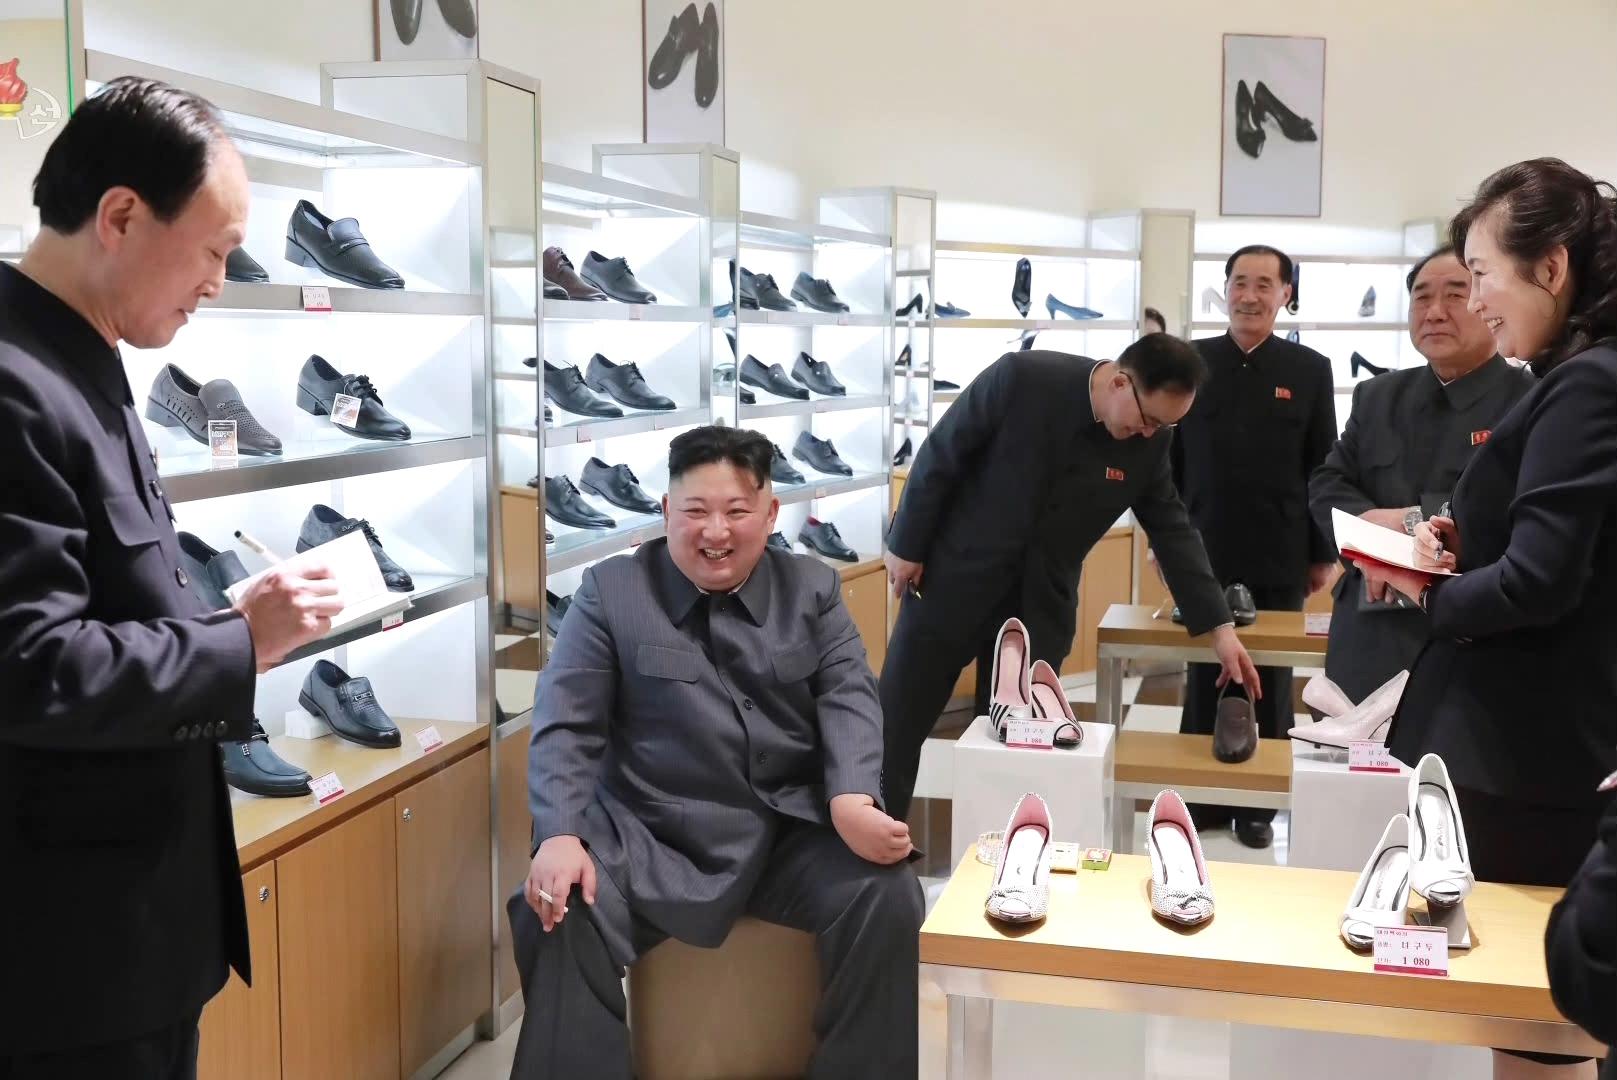 지난 8일 김정은 위원장이 담배를 피우며 대성백화점 구두매장을 시찰하고 있는 모습. [조선중앙통신=연합뉴스]